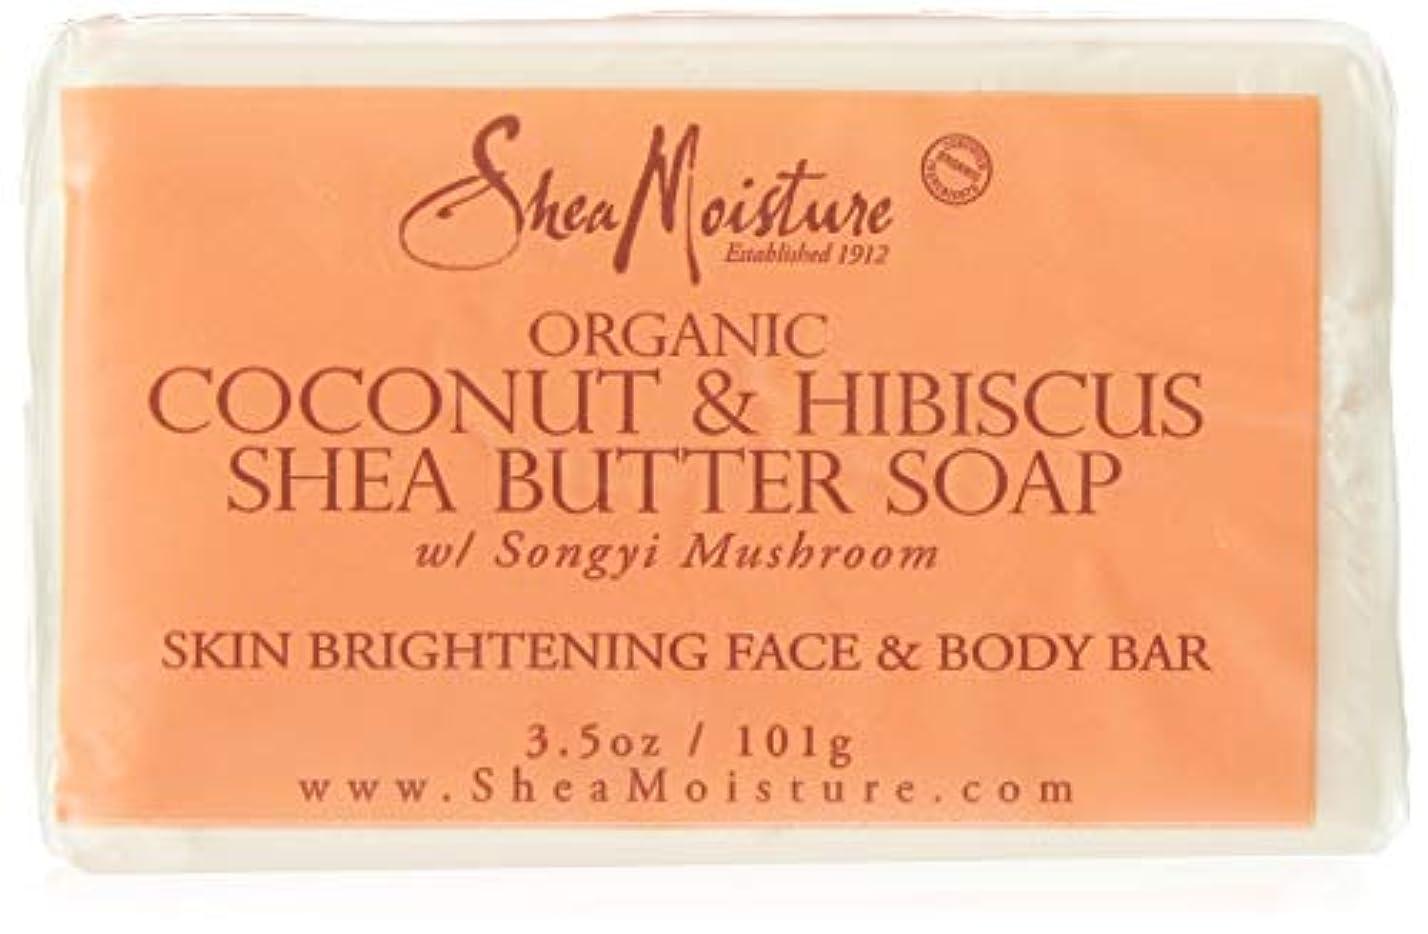 港束パスポートオーガニックココナッツ&ハイビスカスシアバターソープ Organic Coconut & Hibiscus Shea Butter Soap